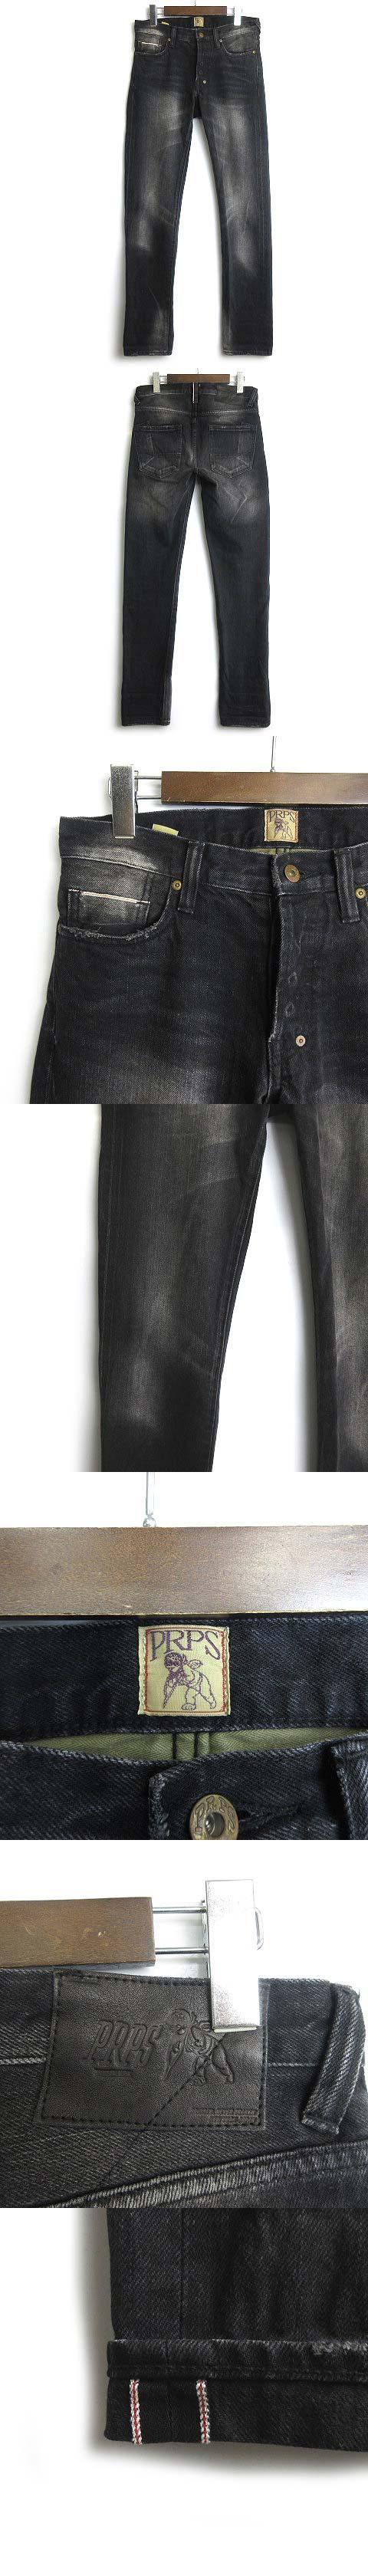 デニムパンツ ジーンズ SKINNY FIT RAMBLER CREASED JEANS 30 黒 ブラック ■VG